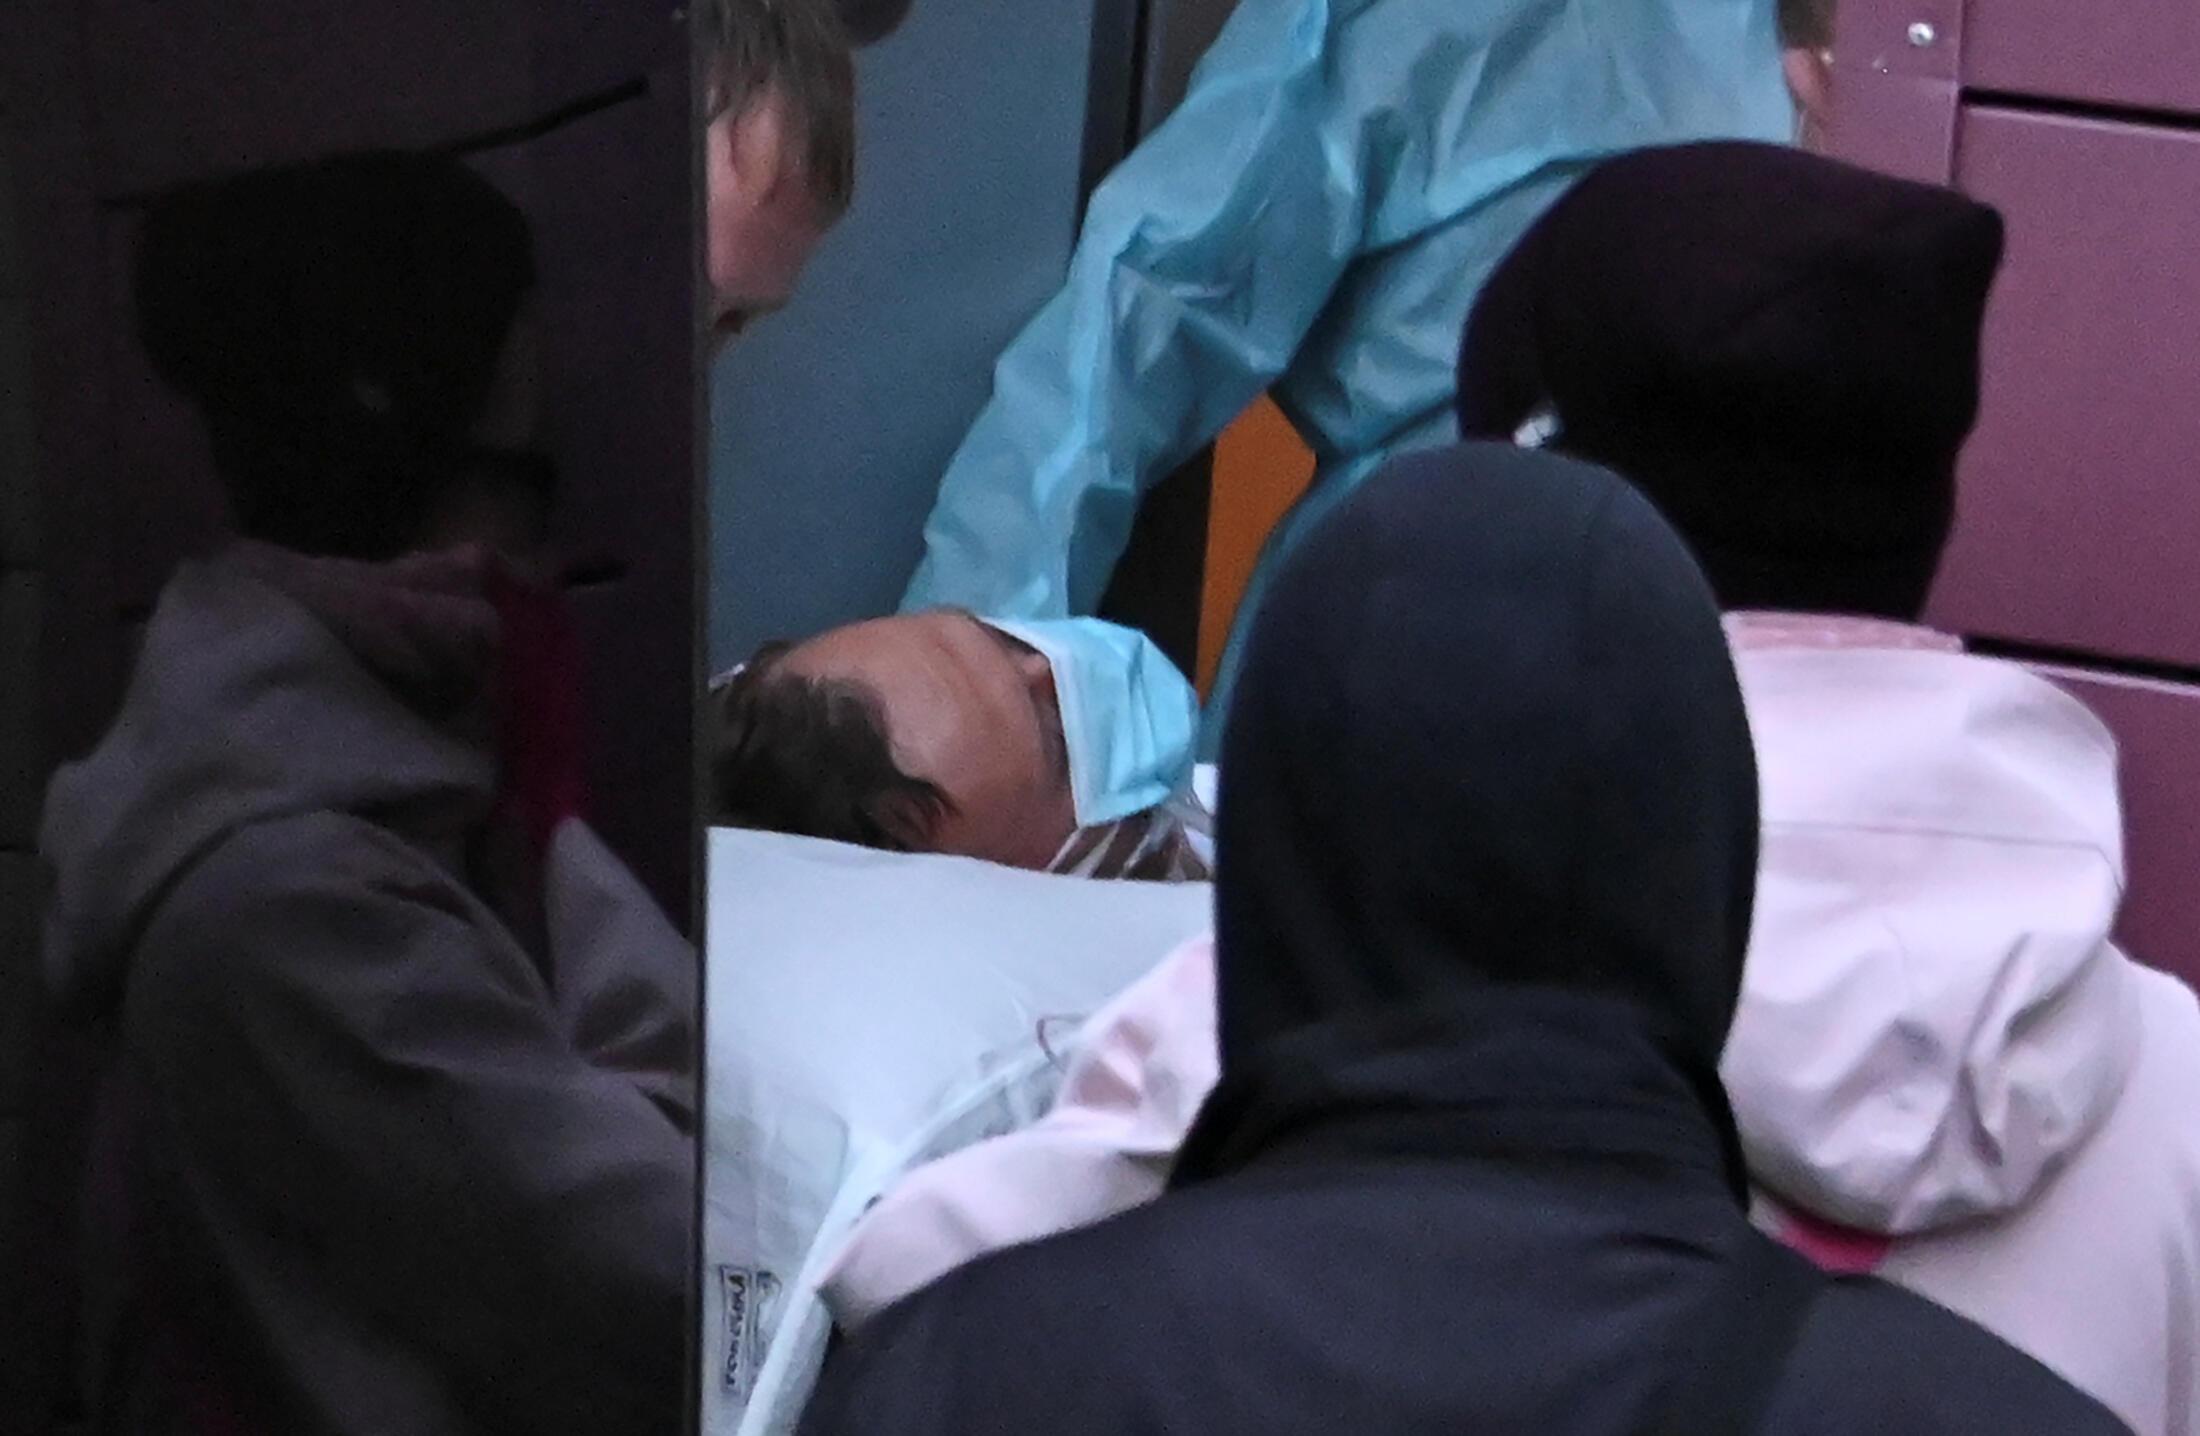 L'opposant russe Alexeï Navalny, gravement malade, est arrivé samedi matin à bord d'un avion médicalisé à l'aéroport Tegel de Berlin pour y recevoir des soins, a constaté Reuters, présent sur place.